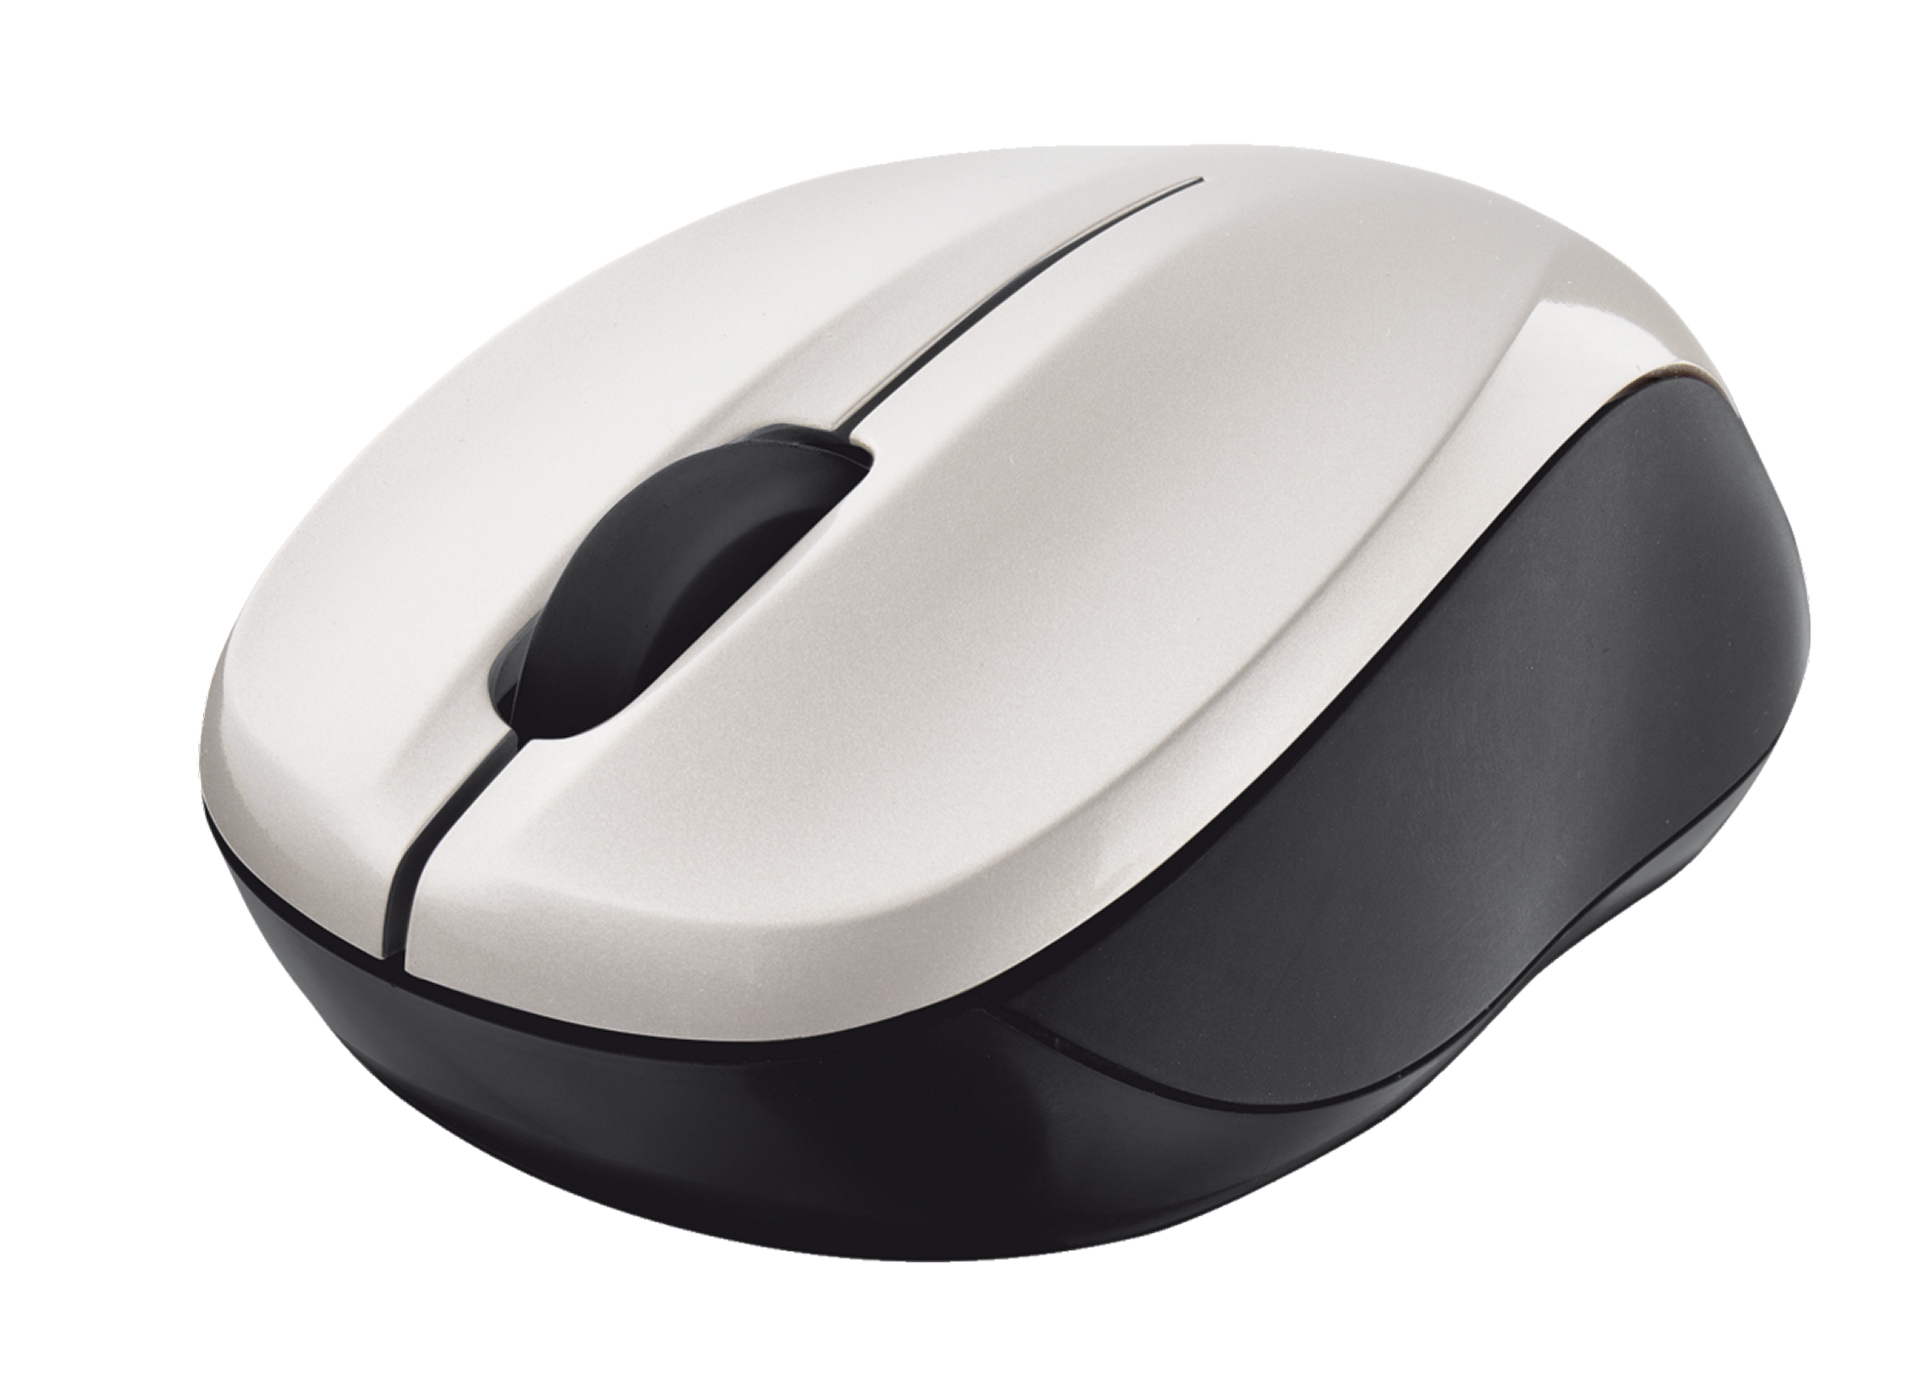 TRUST Myš Vivy Wireless Mini Mouse USB, bílá, bezdrátová